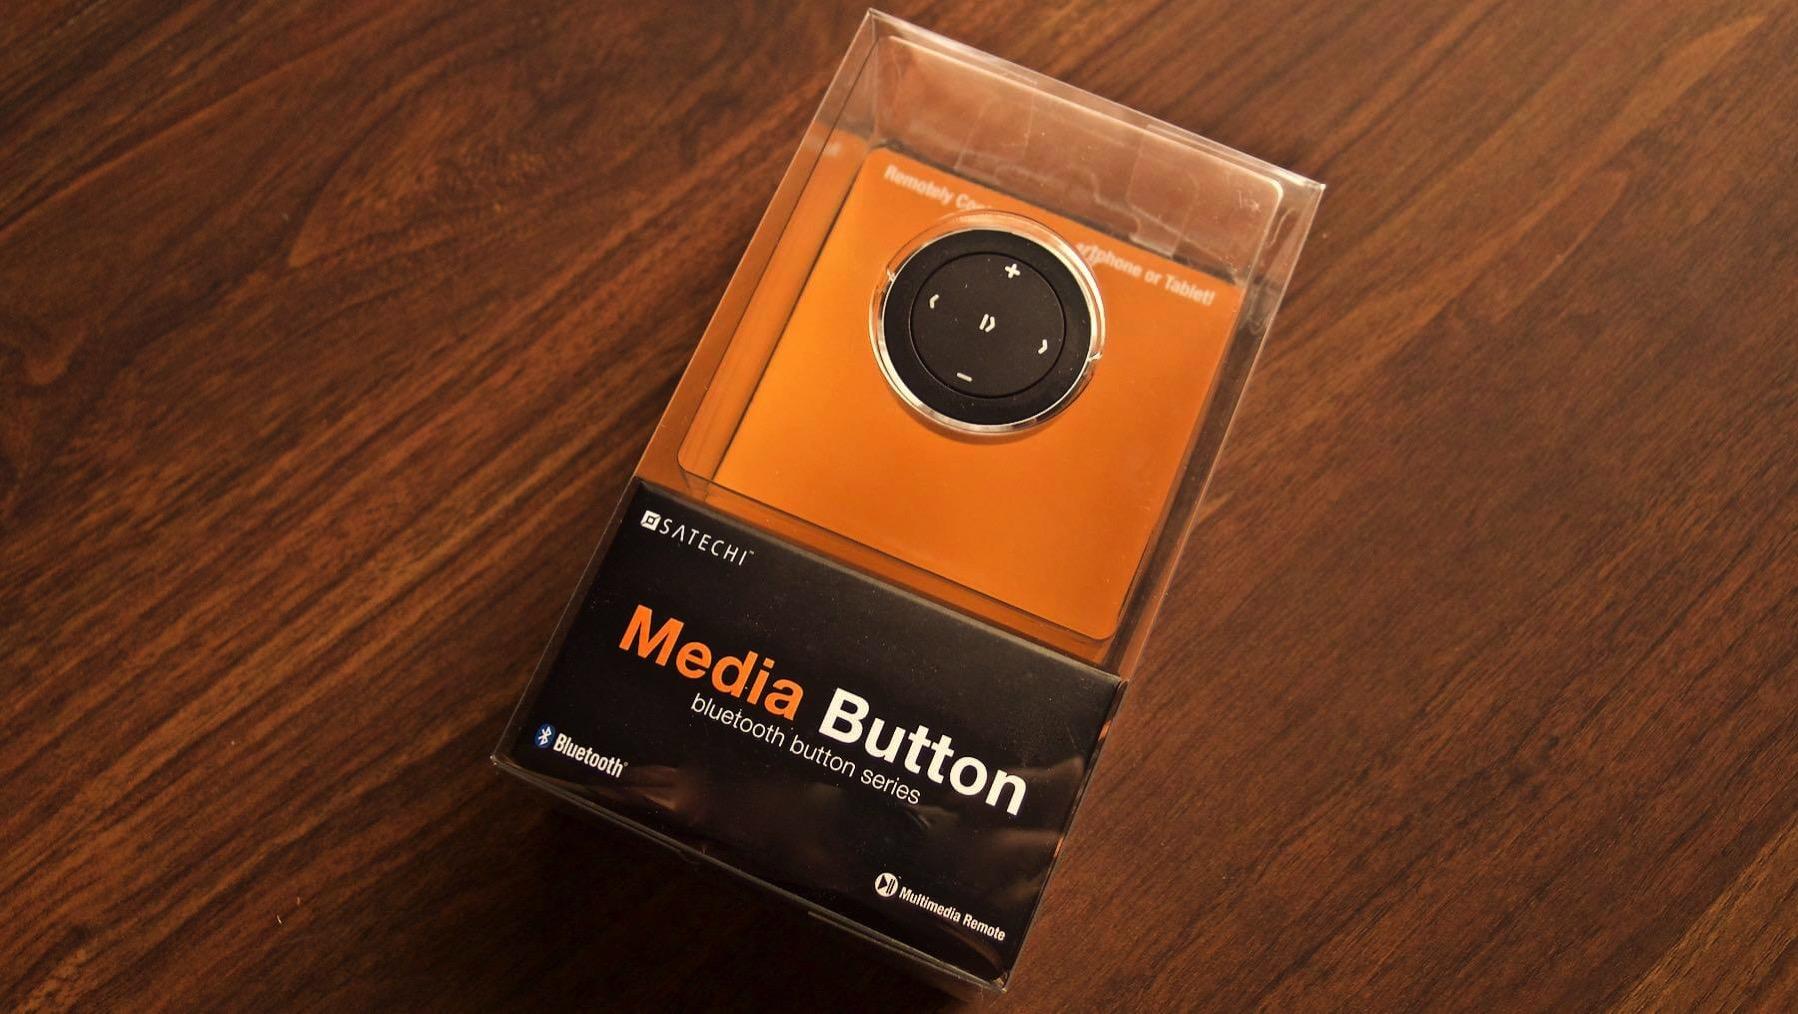 01 Satechi Media Button